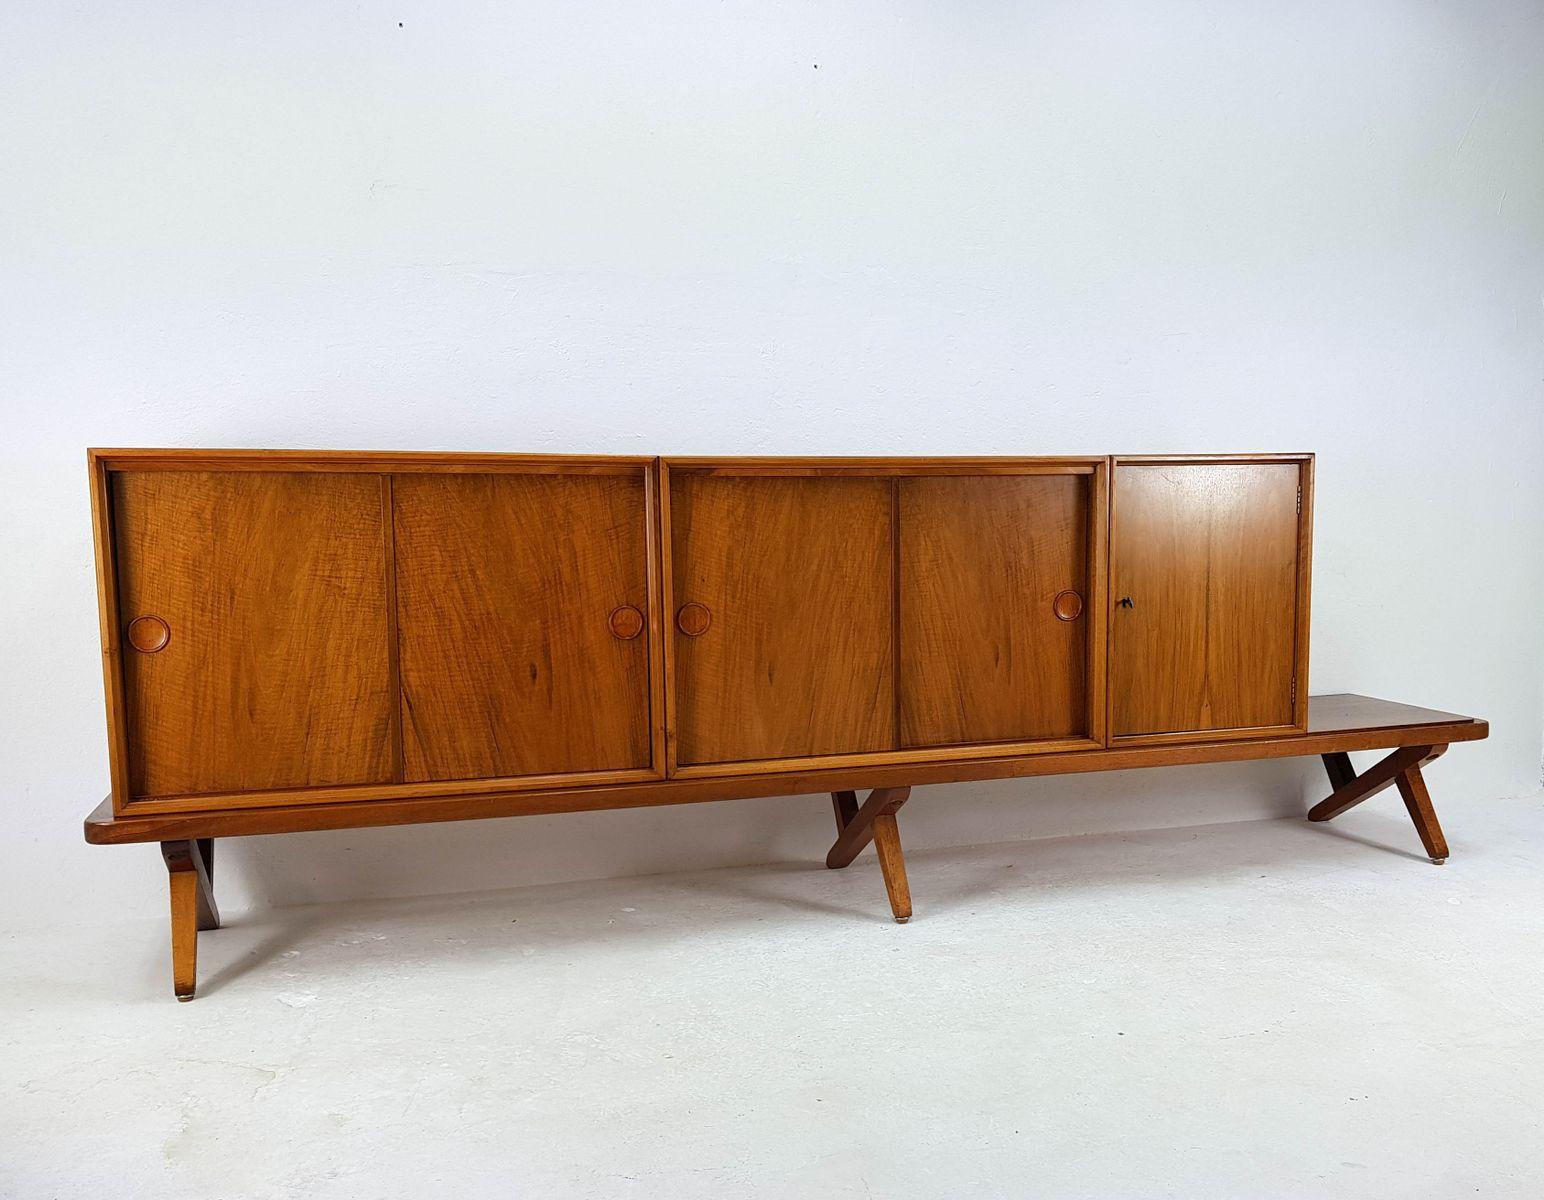 Vintage sideboard by rudolf glatzel for fristho 1957 for for Sideboard qr